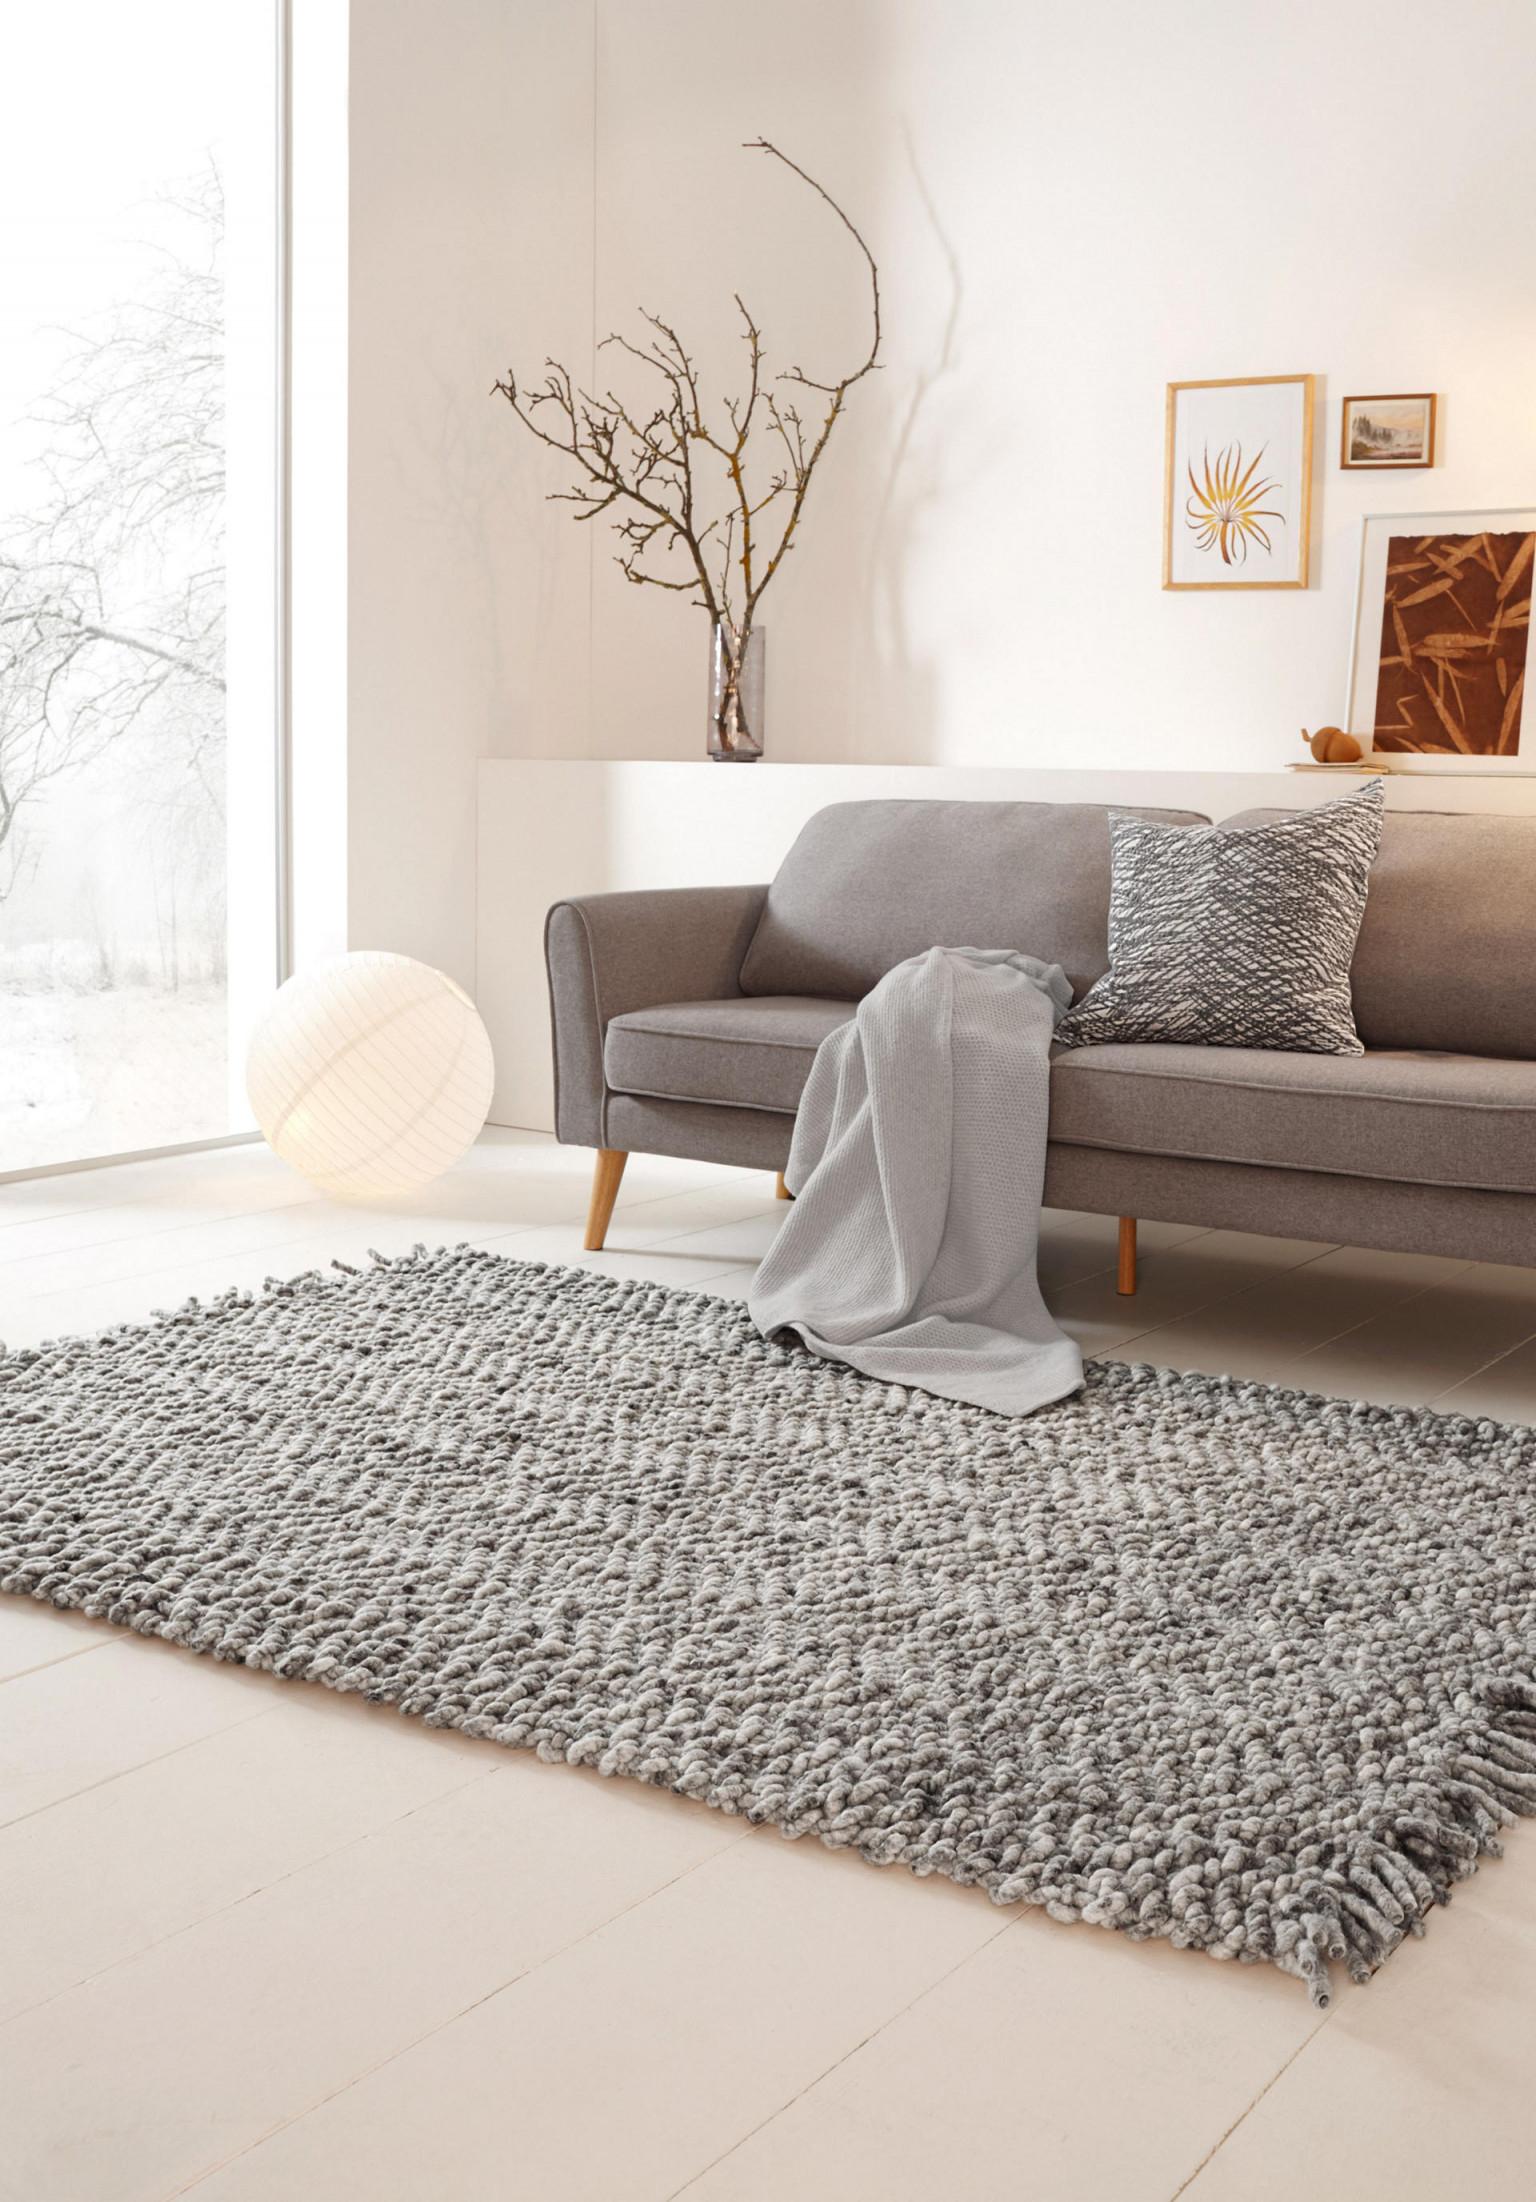 Ökologische Wohnzimmer Teppiche Wolle  Bio✓  Nachhaltig von Wohnzimmer Teppich Groß Photo